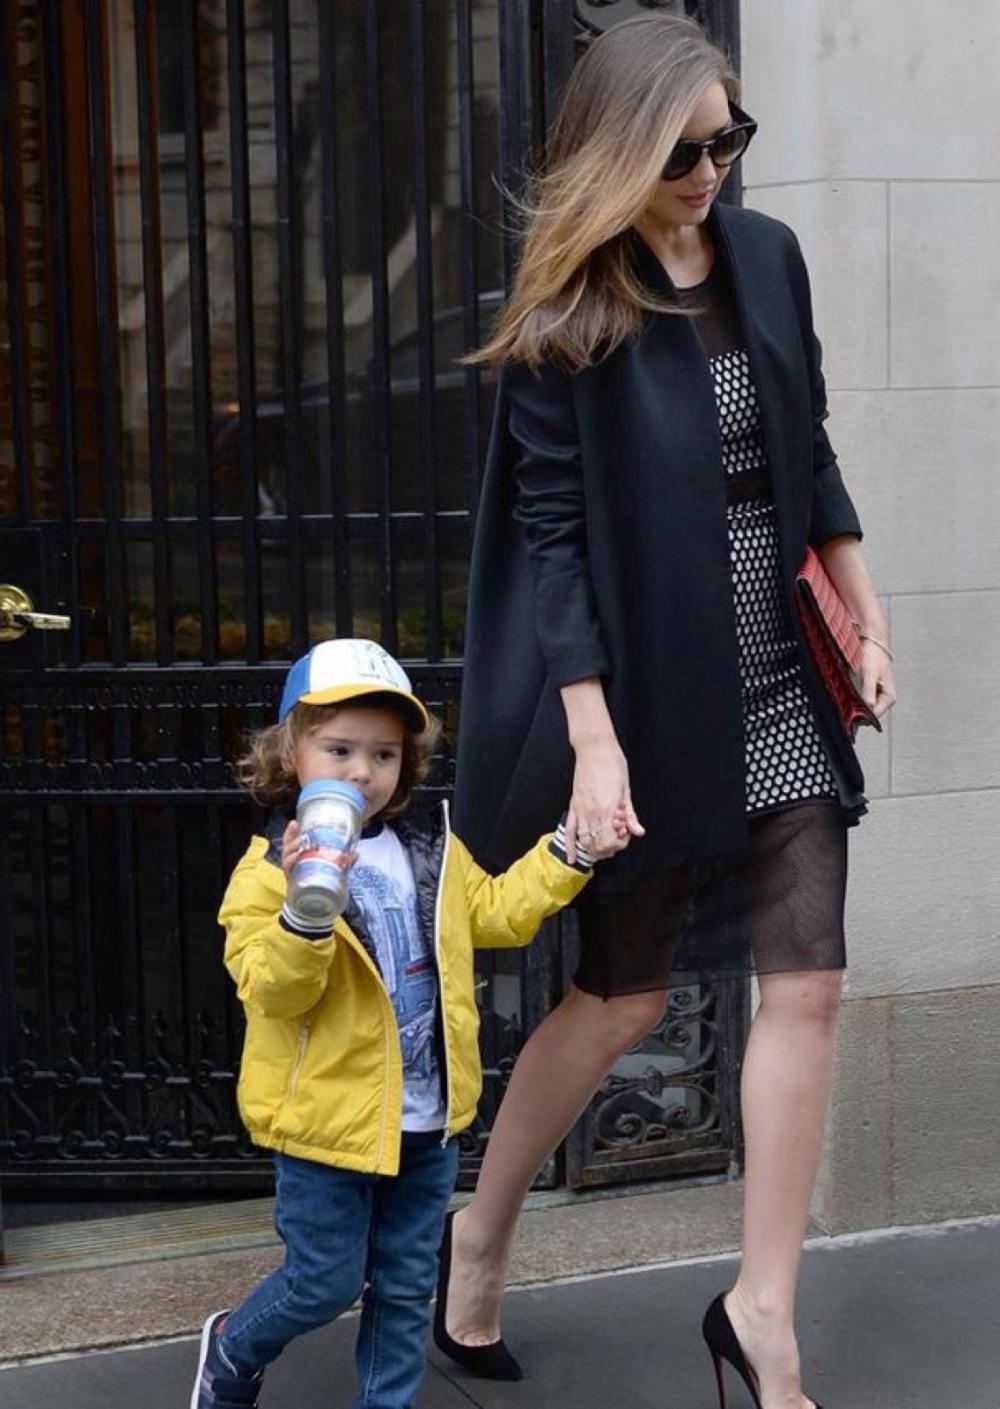 超模米兰达可儿宣布怀二胎, 辣妈时尚在她身上绝对是真理 5